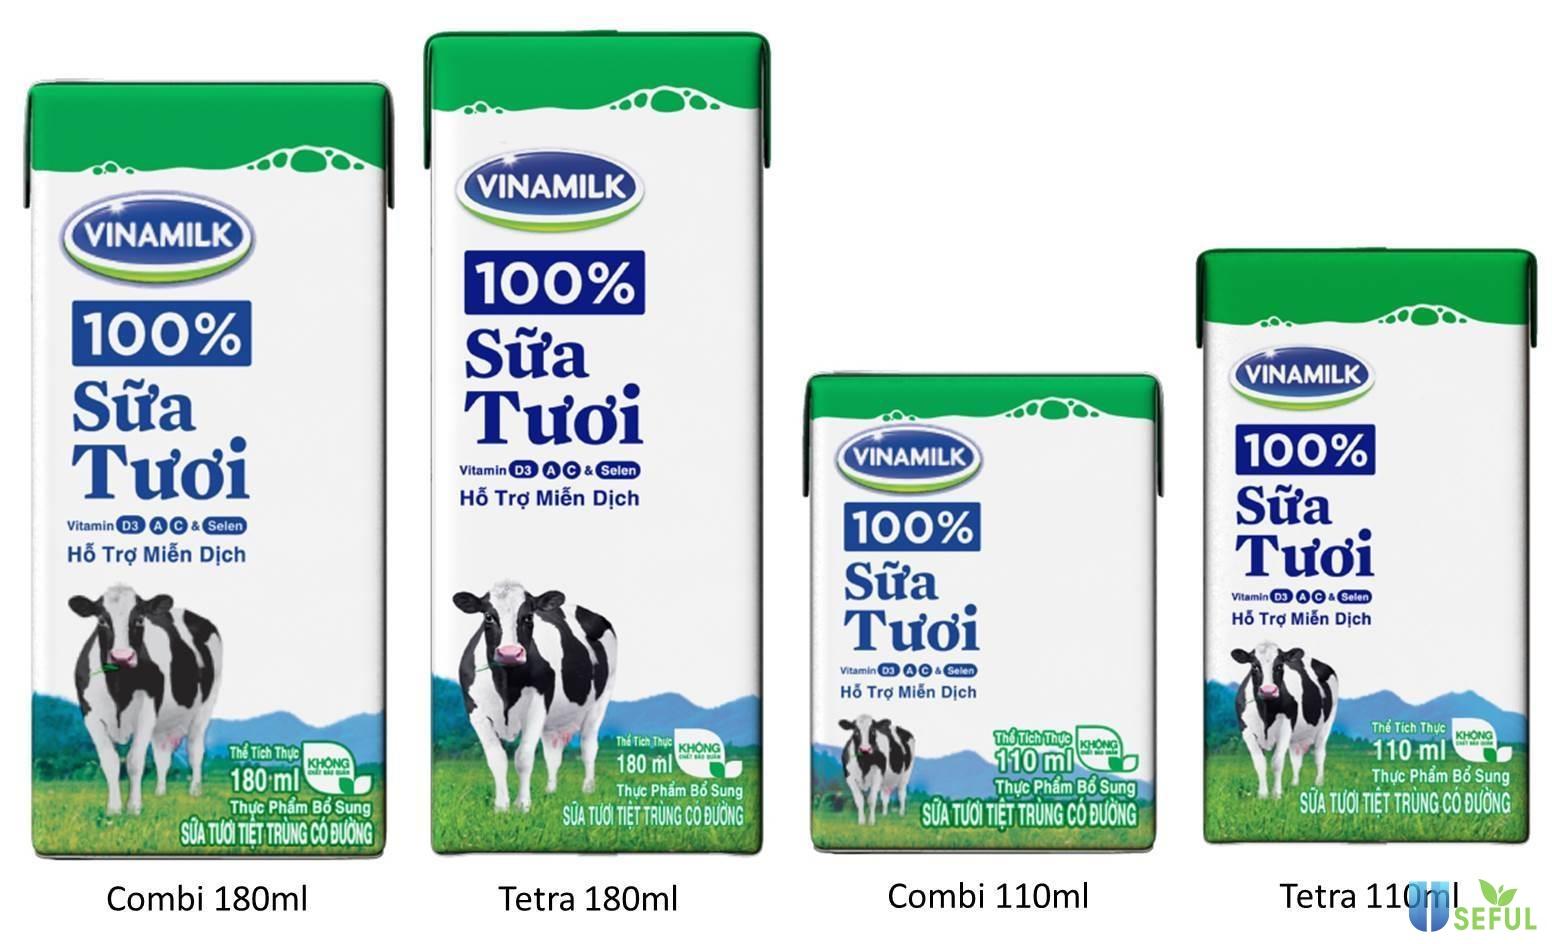 Sữa tươi Vinamilk rất giàu vitamin A, C, D3